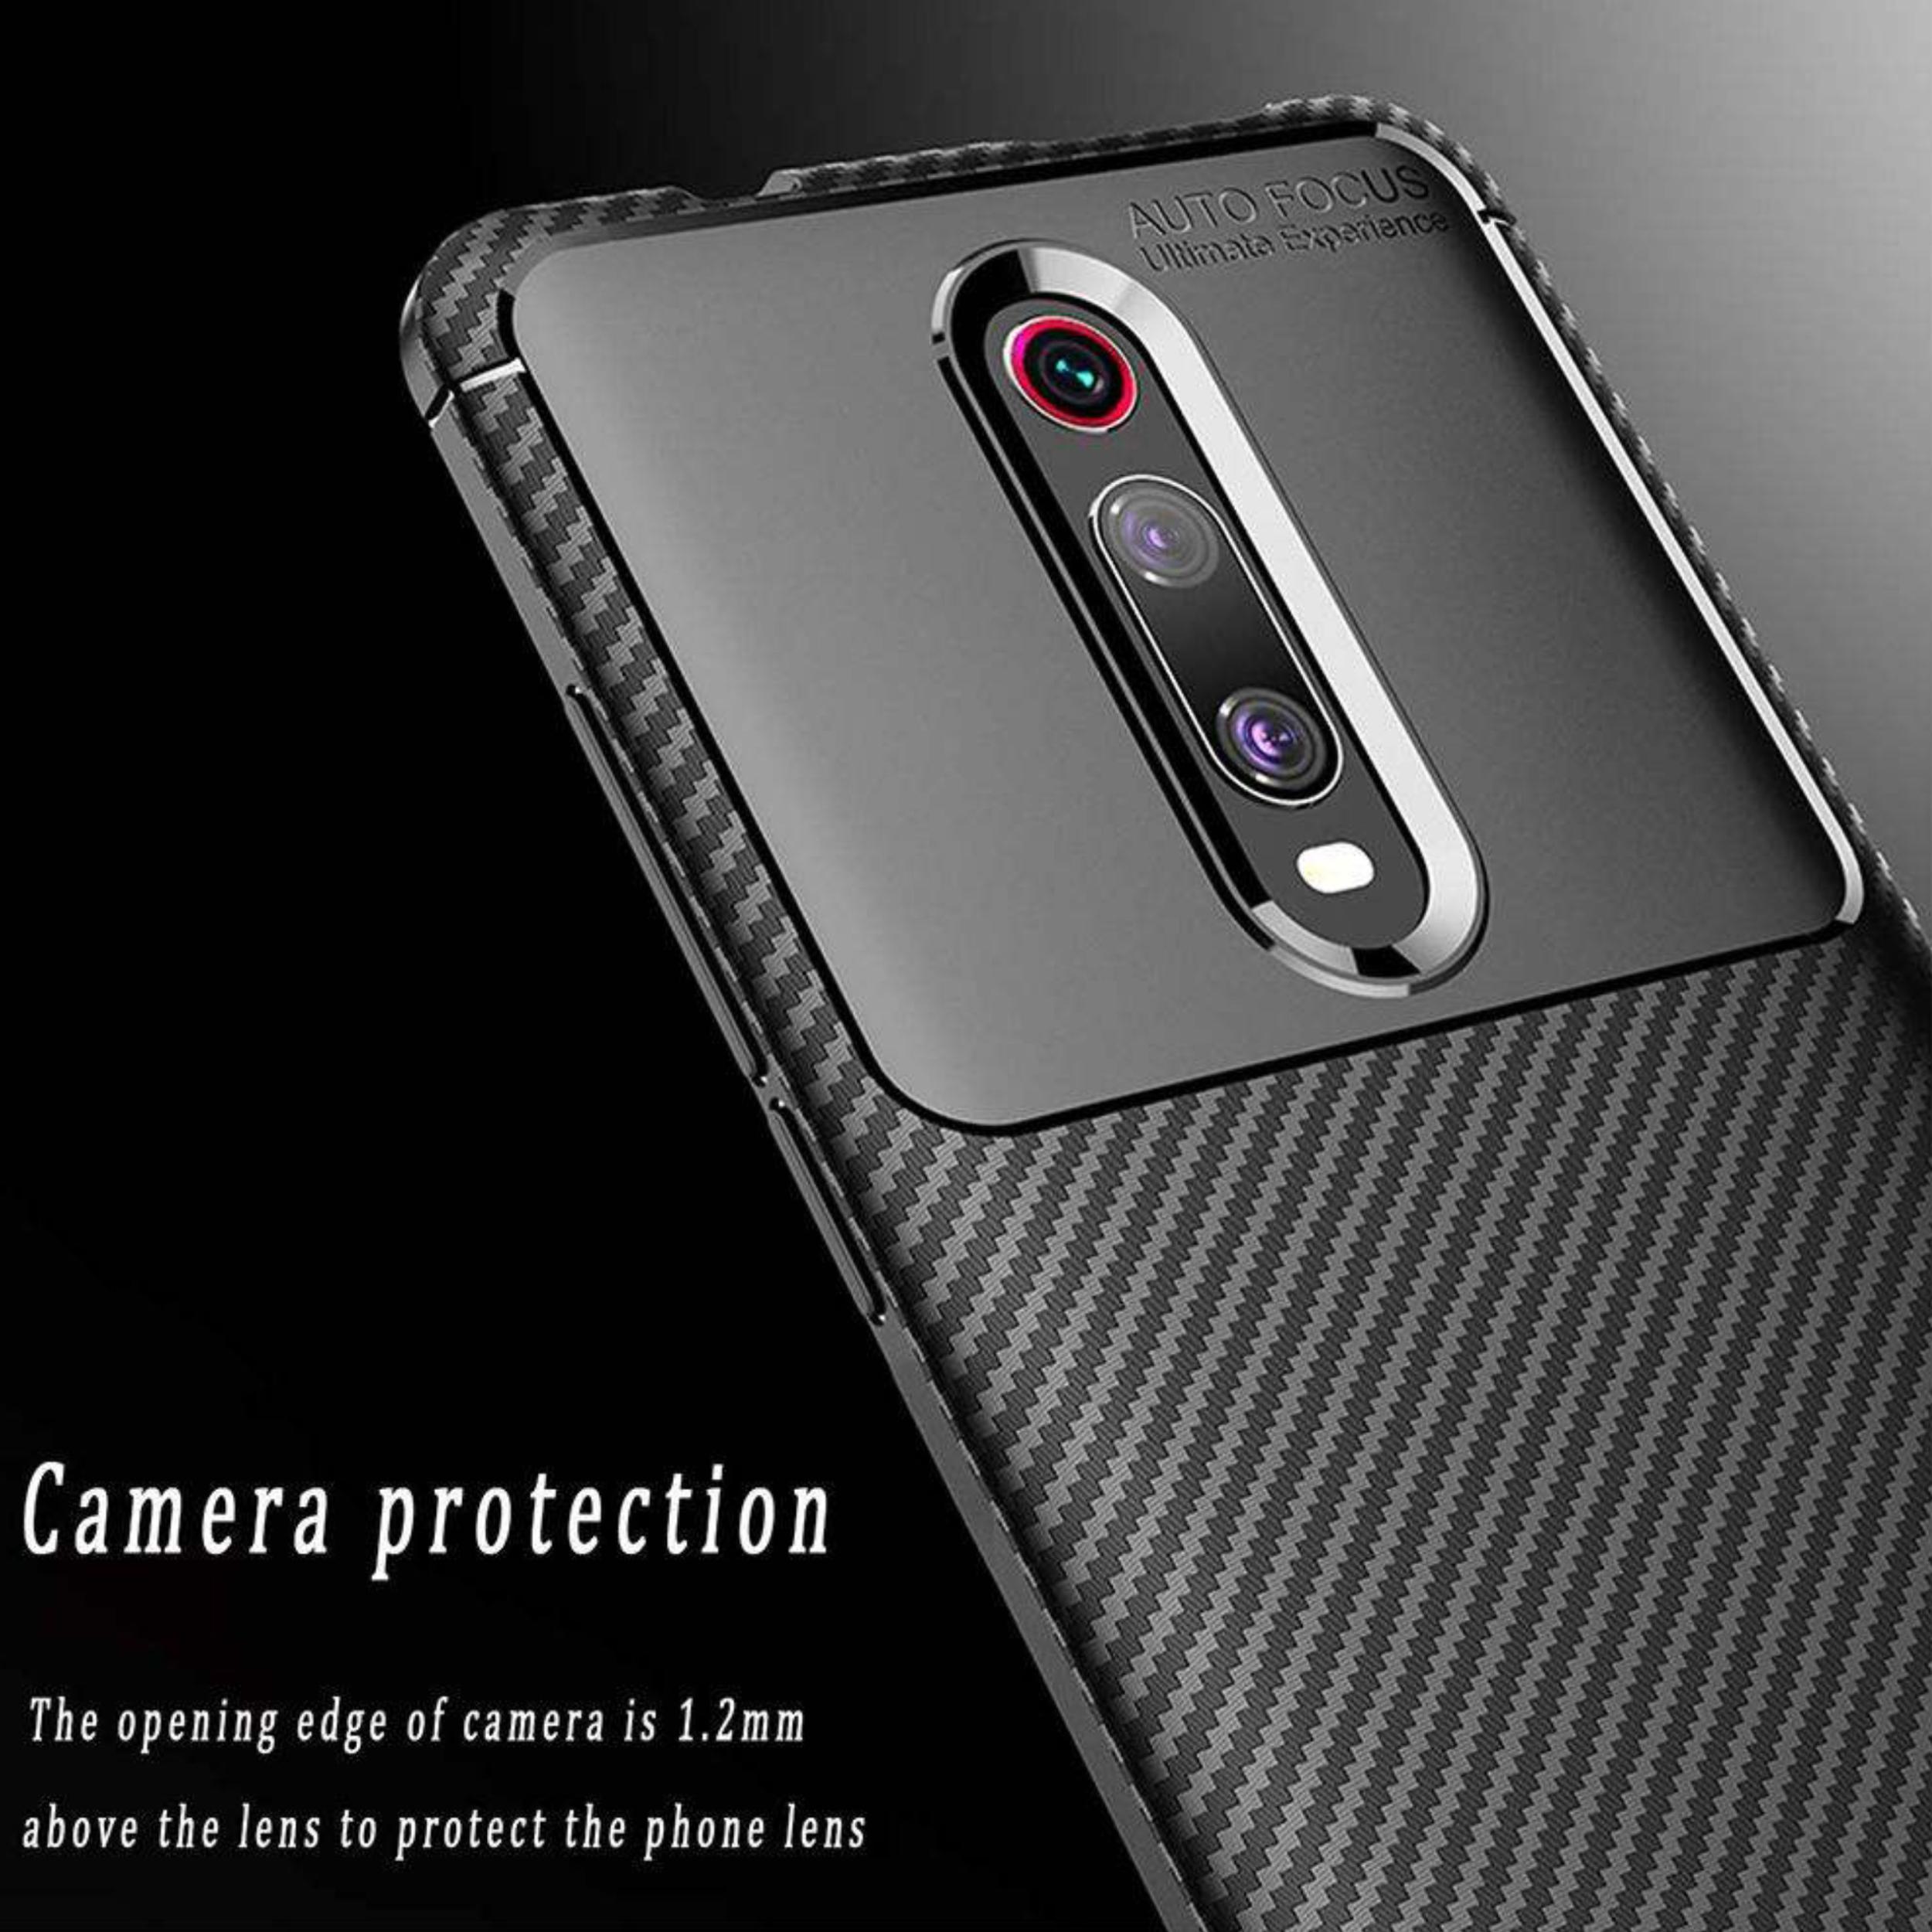 کاور لاین کینگ مدل A21 مناسب برای گوشی موبایل شیائومی Mi 9T / Mi9T pro thumb 2 6